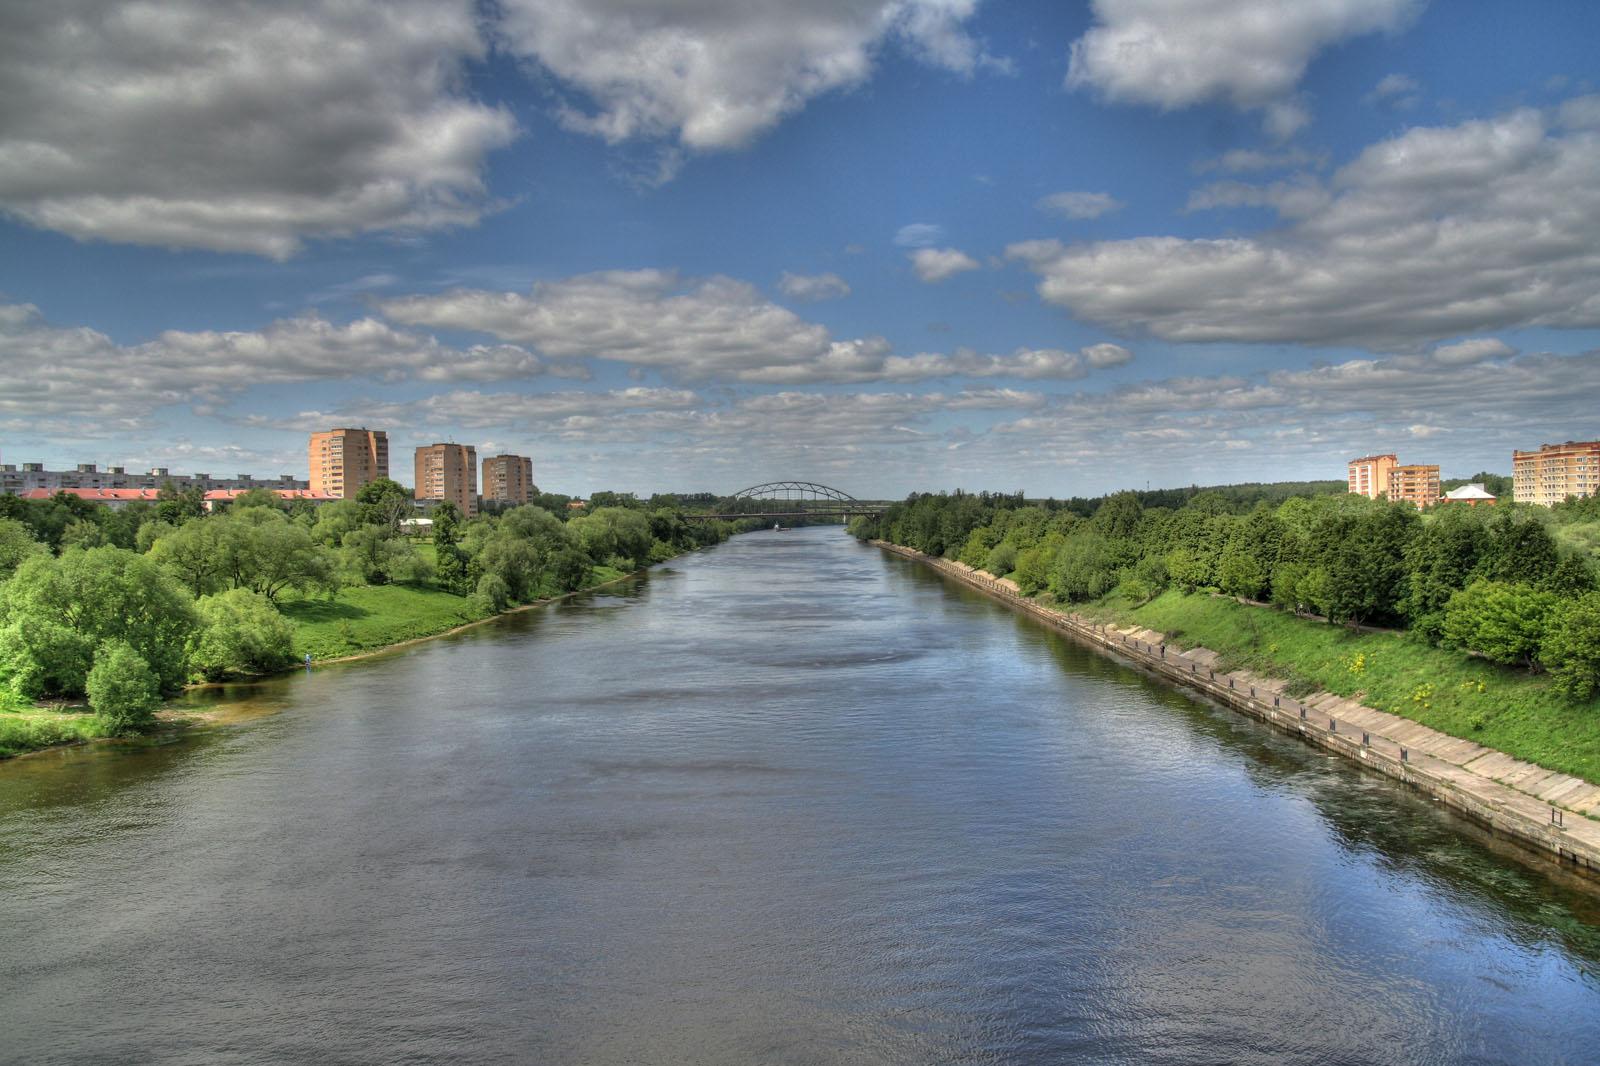 старые фото москва река г воскресенск базовом варианте помещения